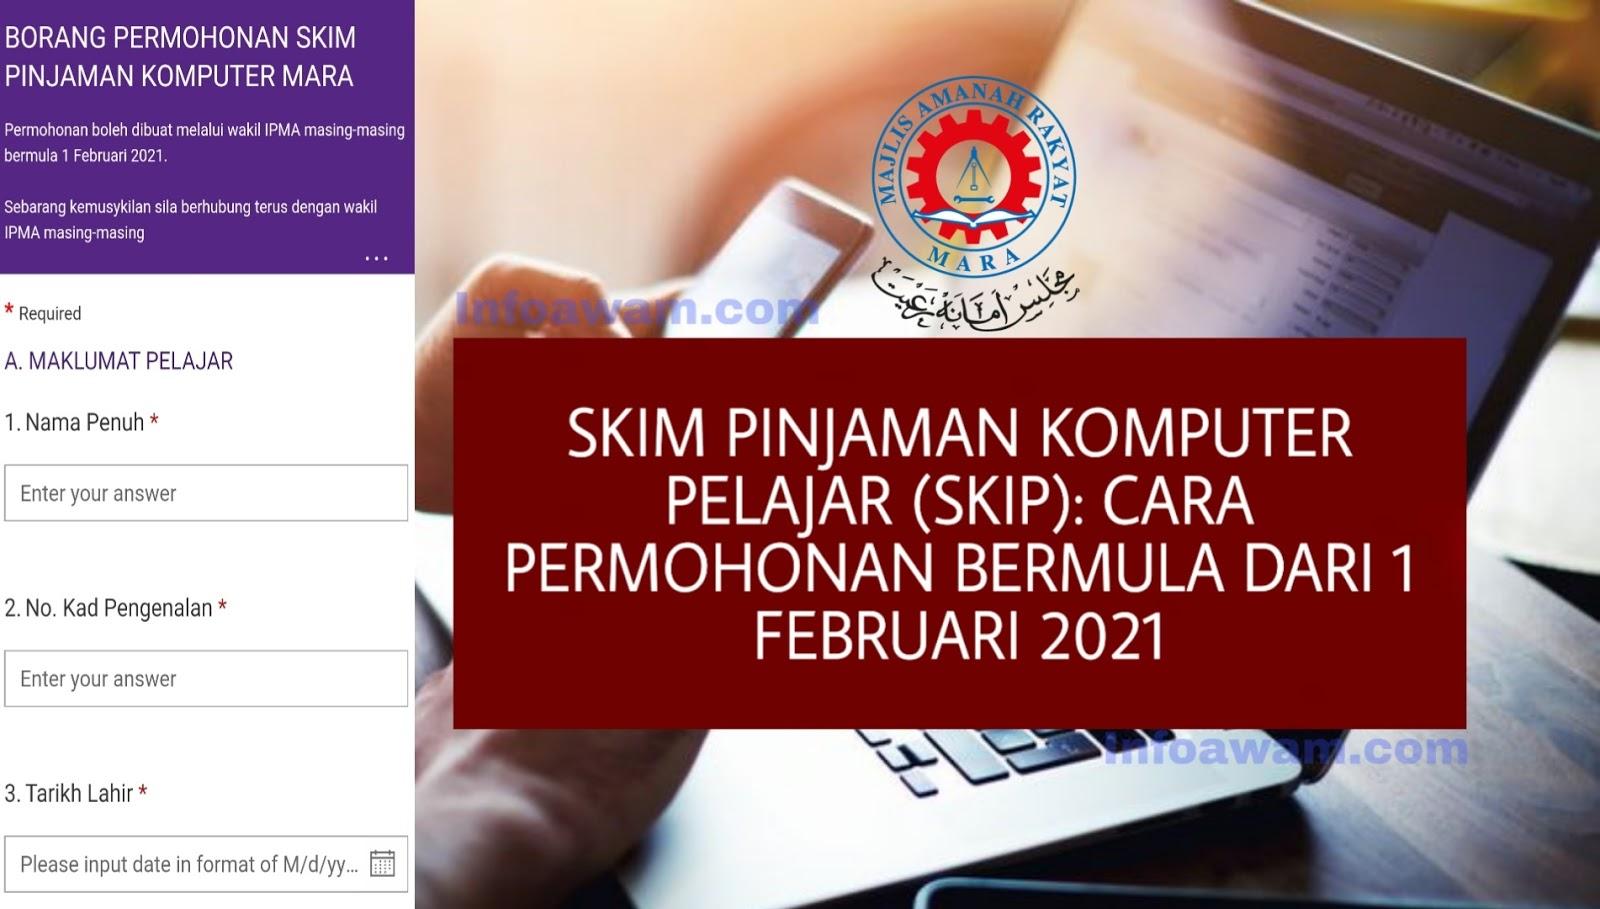 Skim Pinjaman Komputer Pelajar Skip Cara Permohonan Bermula Dari 1 Februari 2021 31 Mac 2021 Info Awam